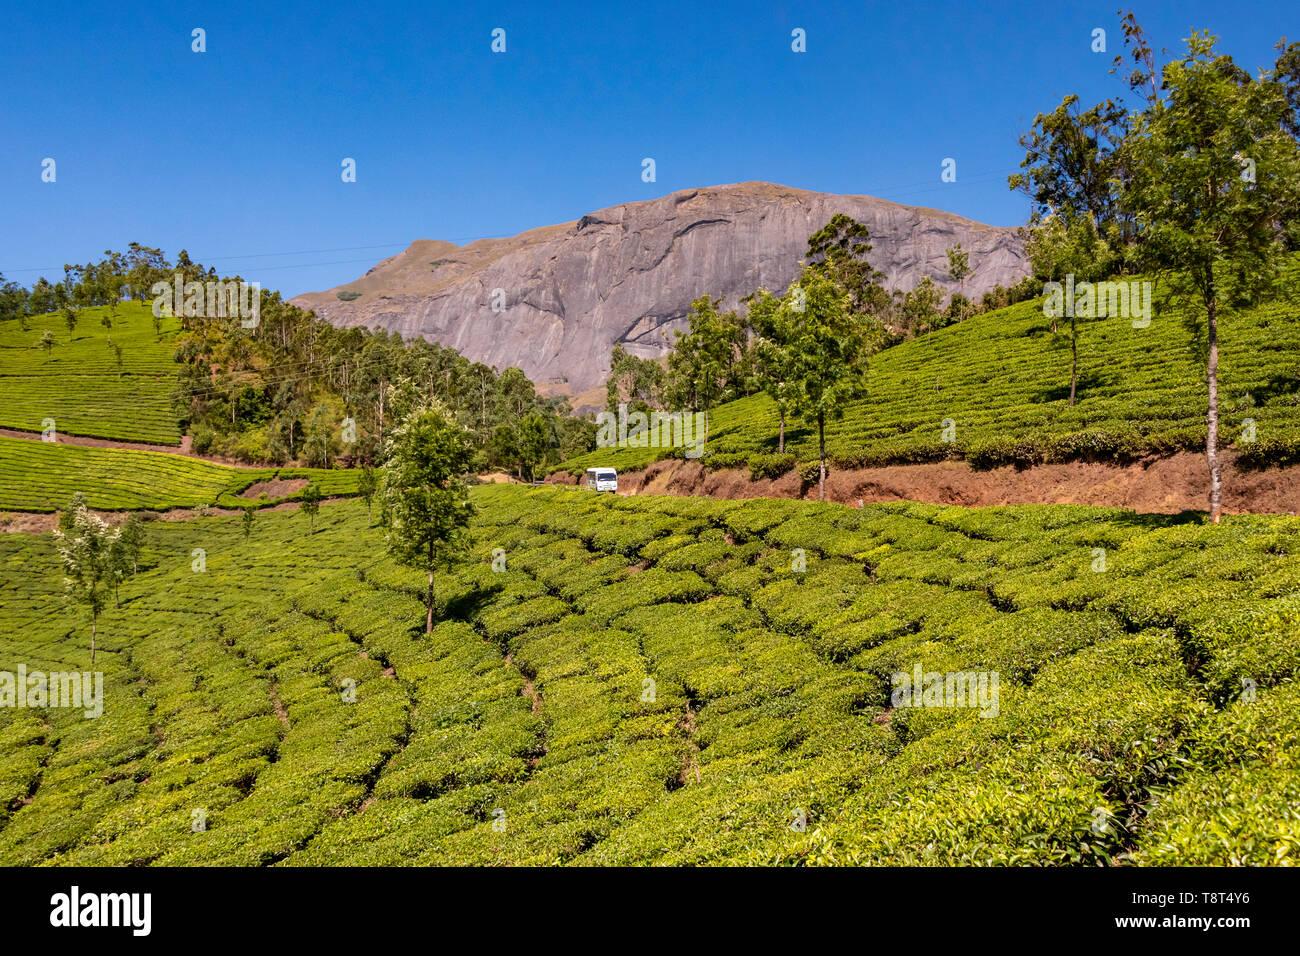 Horizontal view of Anamudi peak with the tea plantations in Eravikulam National Park in Munnar, India. Stock Photo